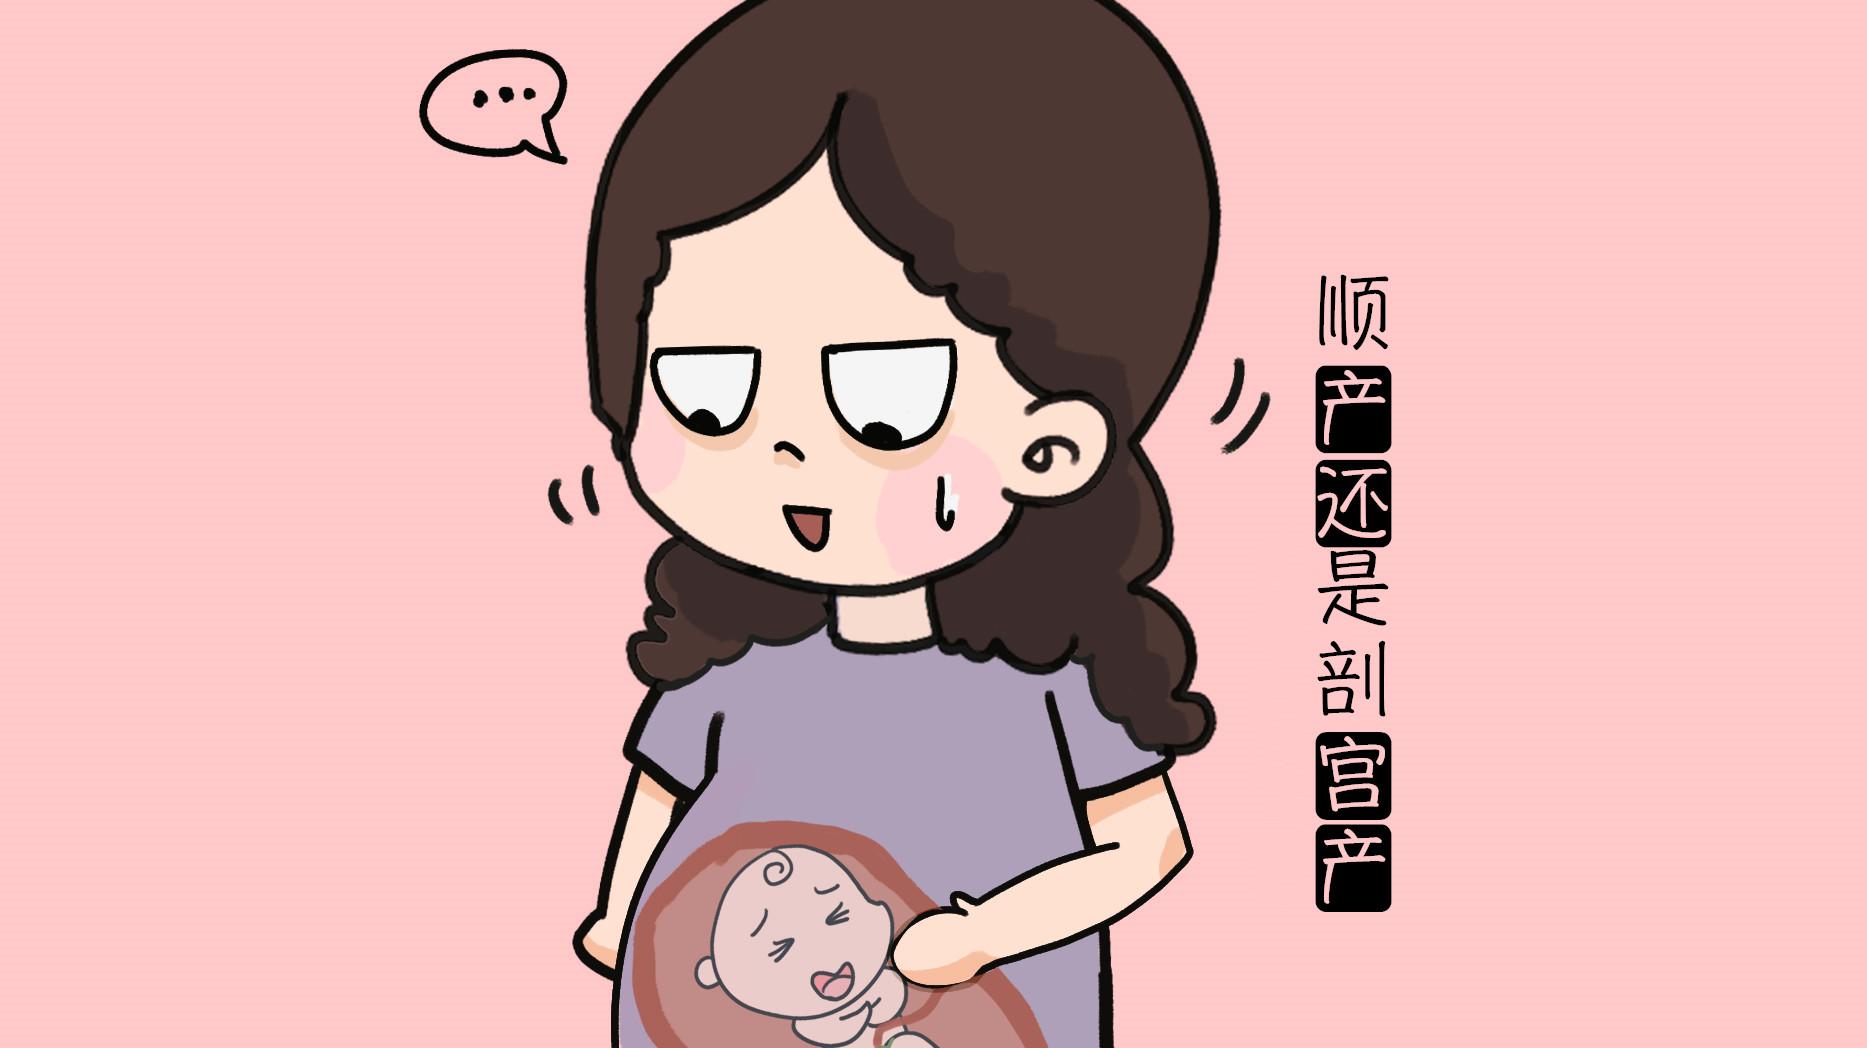 剖宮產寶寶和順產寶寶相比,最大的區別不是智商,是這些